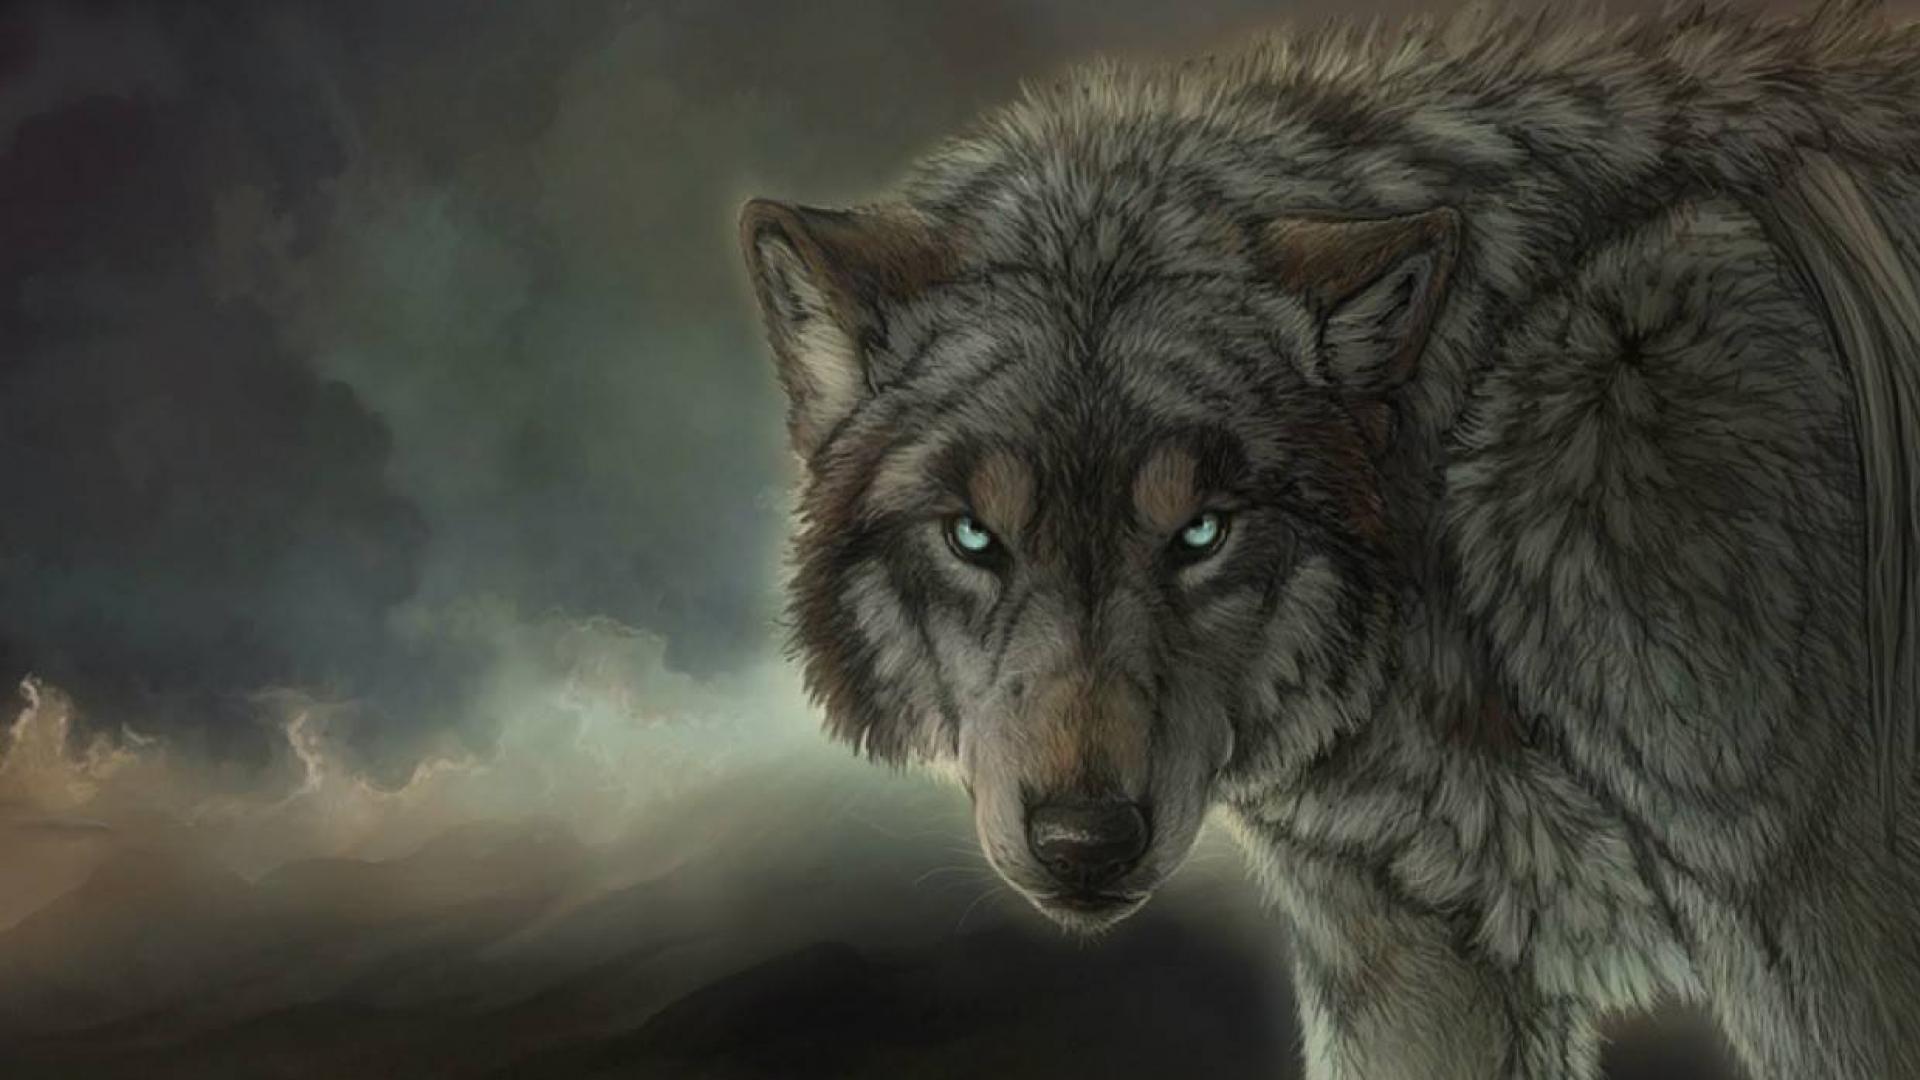 Popular Wallpaper Horse Wolf - 737038b29a46280ebca87fbabd6cda49  Collection_307539.jpg